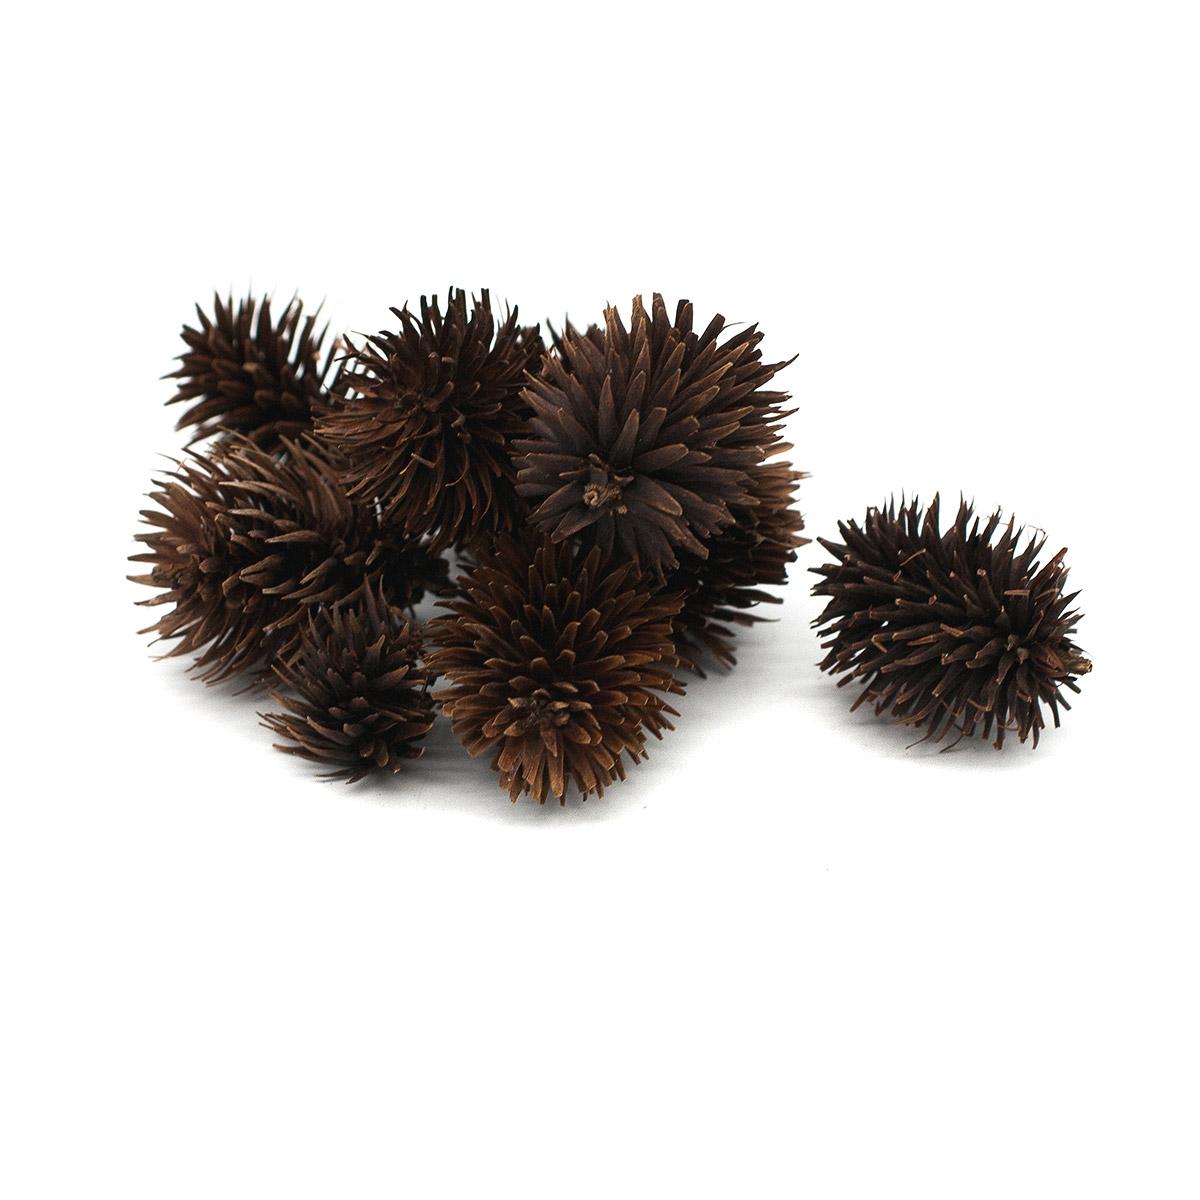 YW050 Декоративные элементы натуральные. Шишечки-соцветия, 2-4 см, 20гр